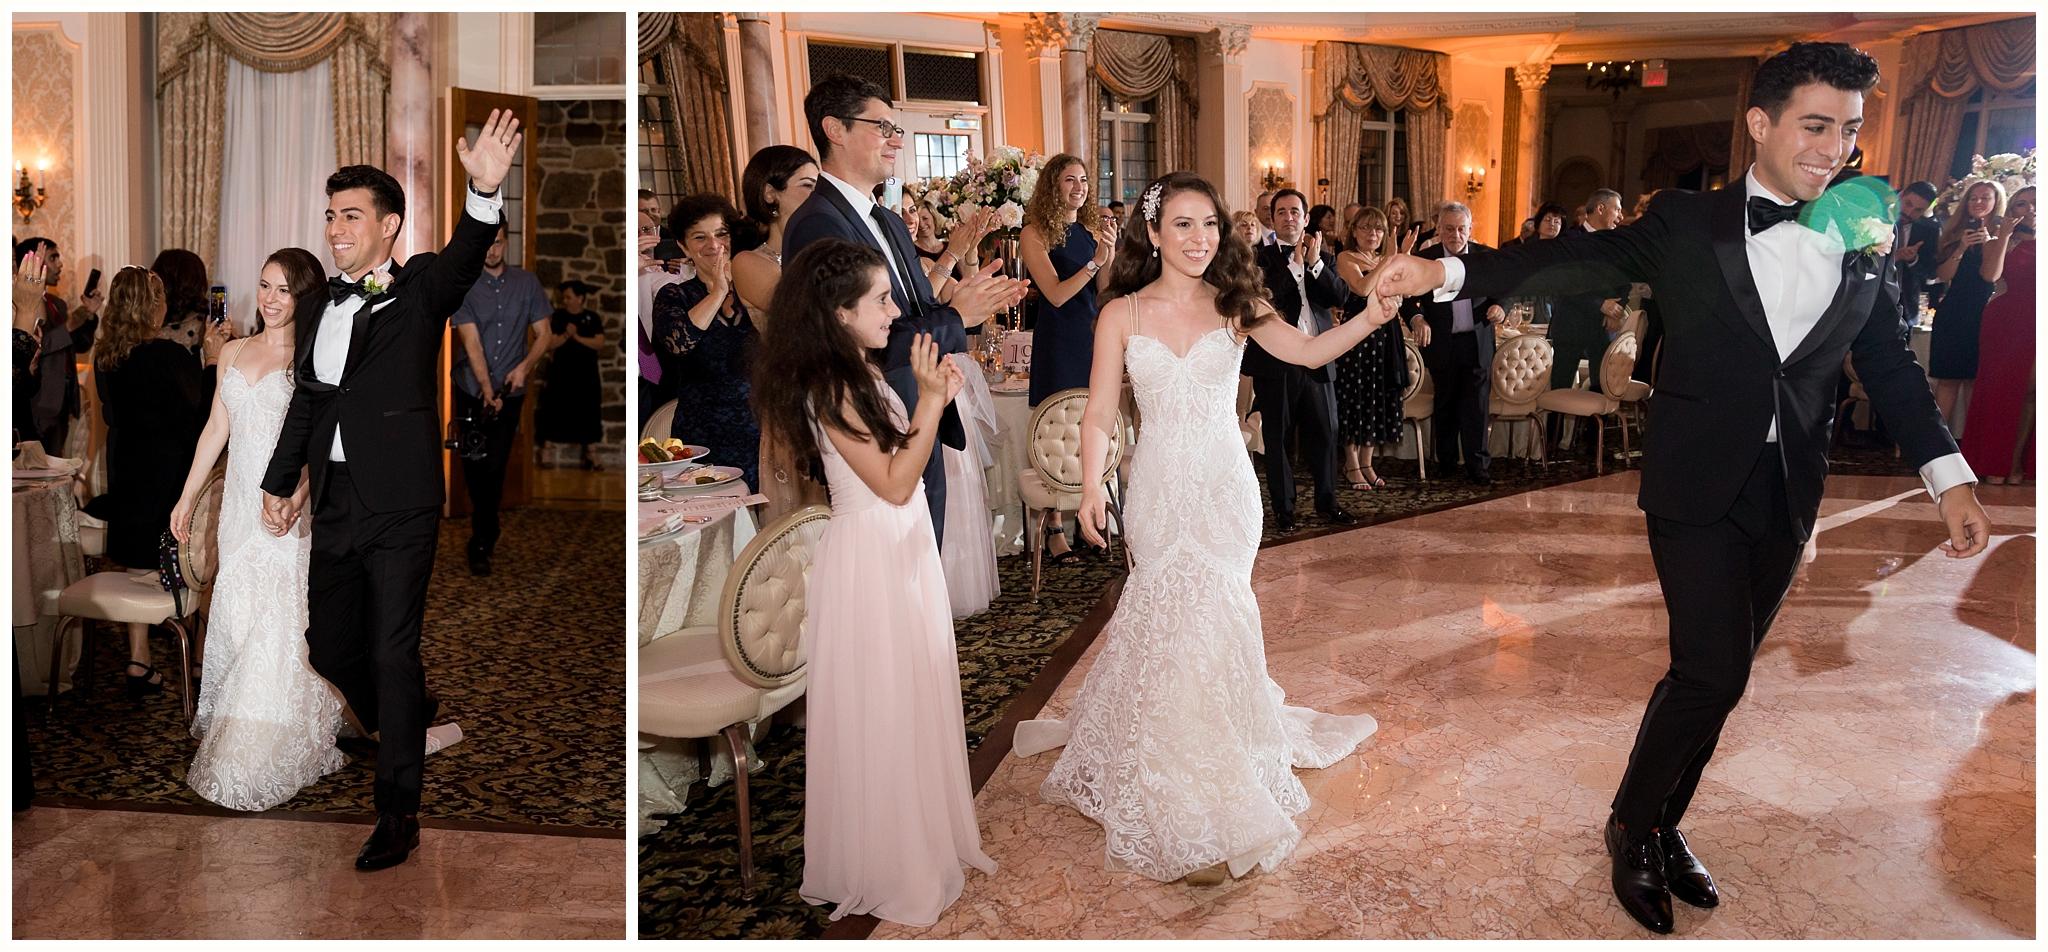 Pleasantdale Chateau Wedding NJ Wedding NYC Wedding Photographer_0046.jpg